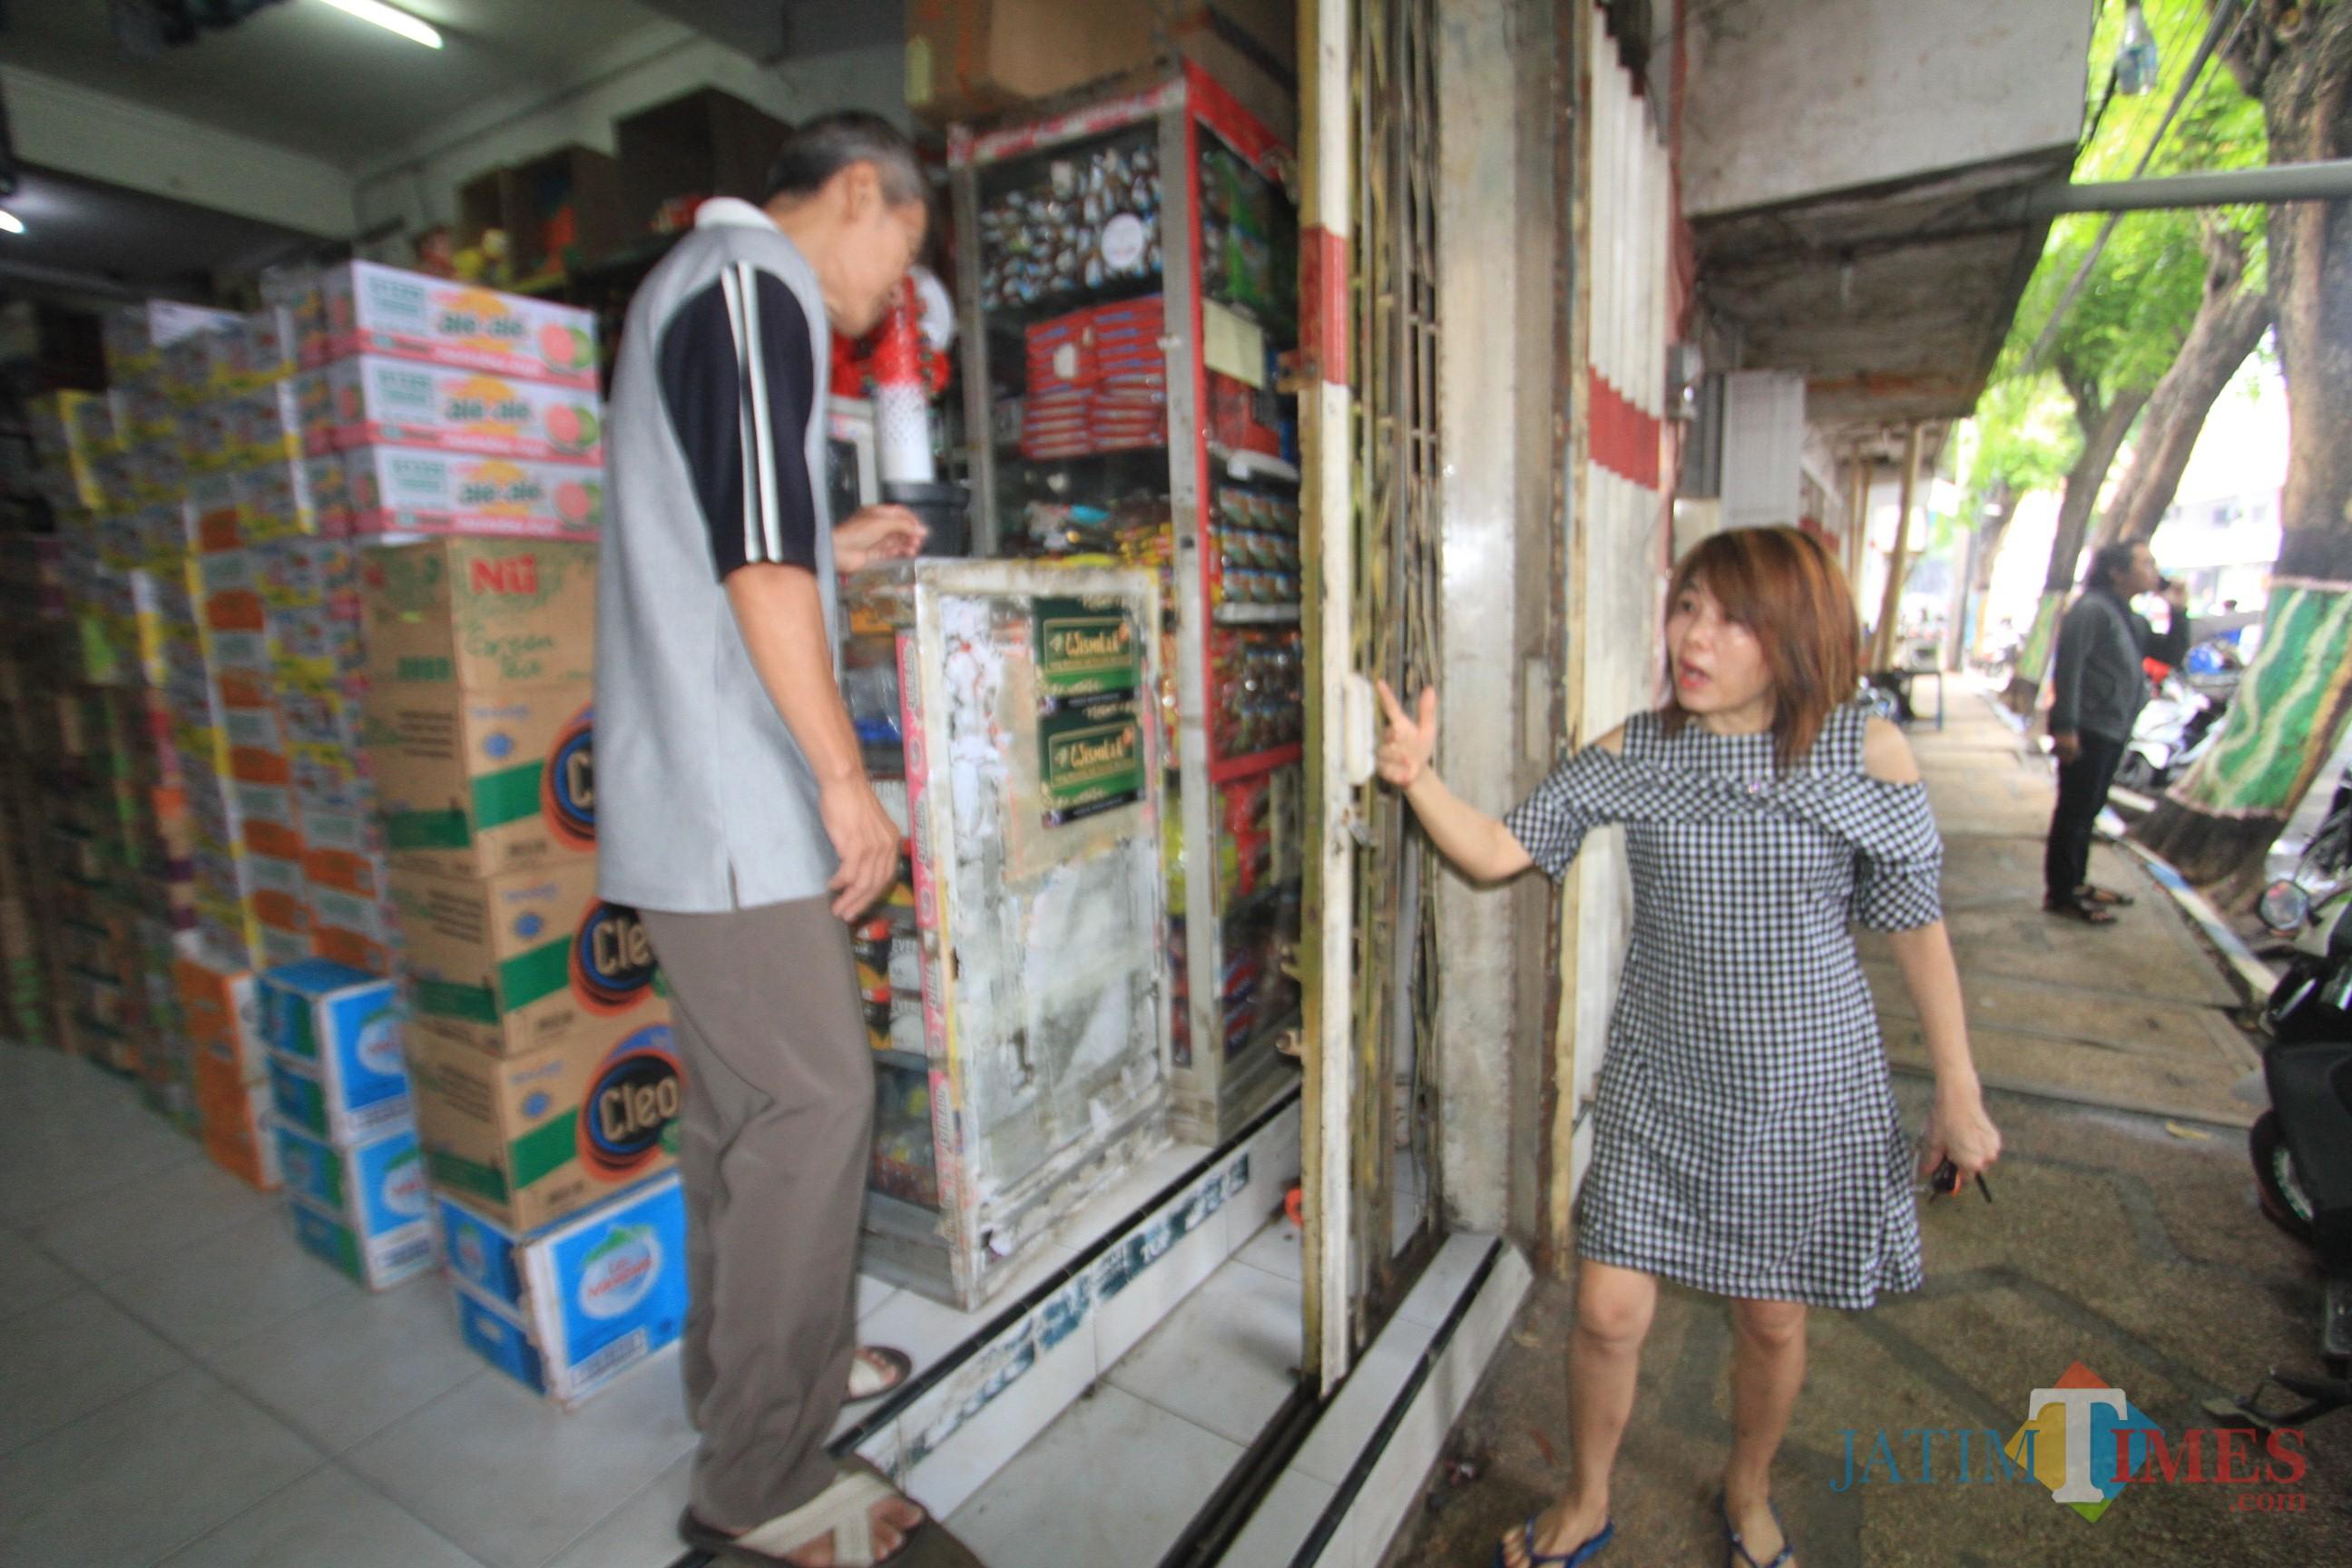 Thia pemilik toko menunjukkan pintu yang dibobol maling  (Agus Salam/Jatim TIMES)